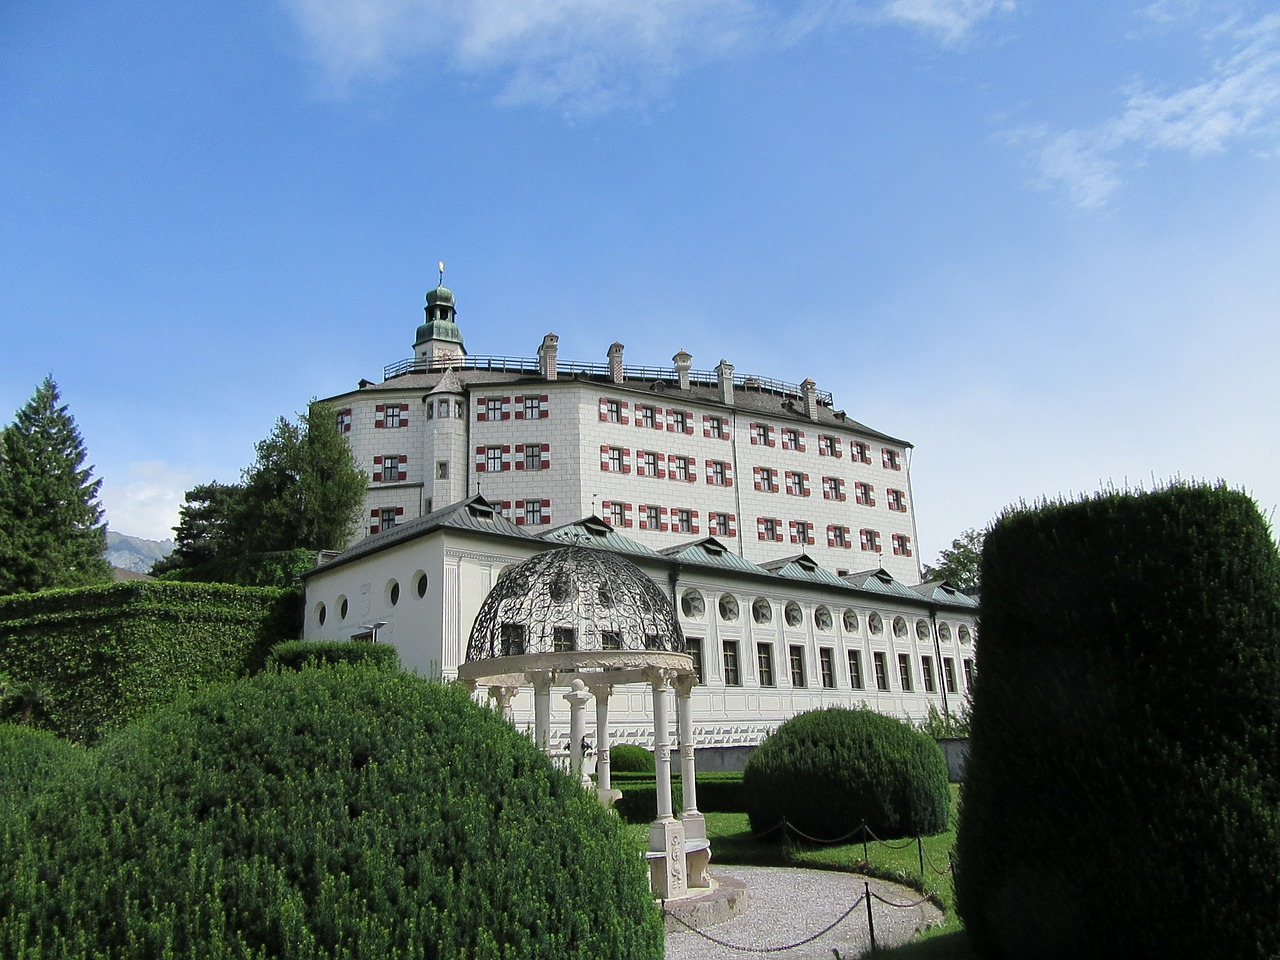 Innsbruck Sehenswürdigkeiten: Top Ten Highlights und Tipps für die Stadt - Schloss Ambras